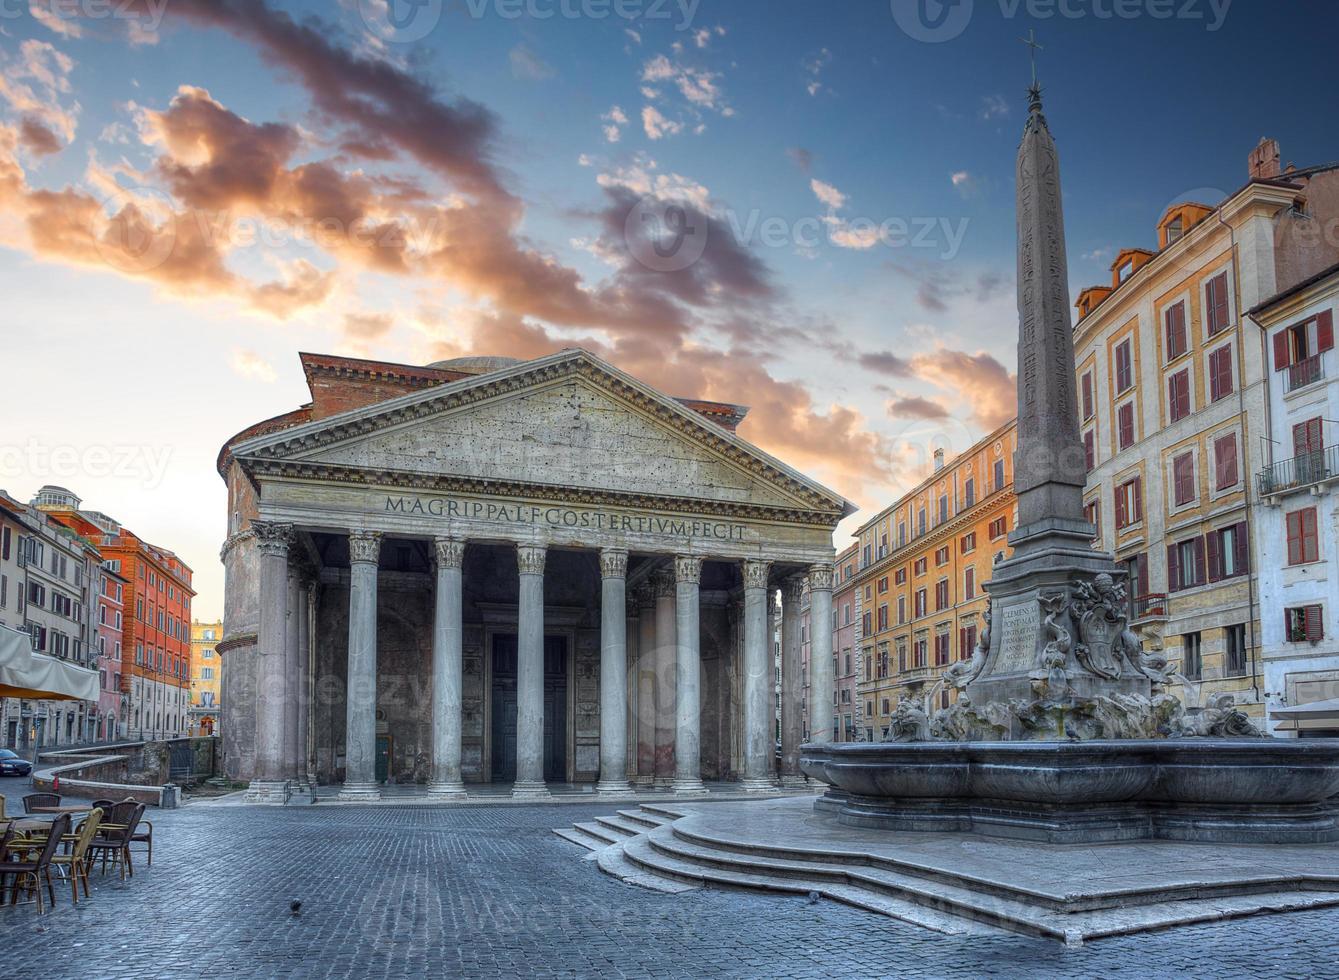 Blick auf das Pantheon am Morgen. Rom. Italien. foto